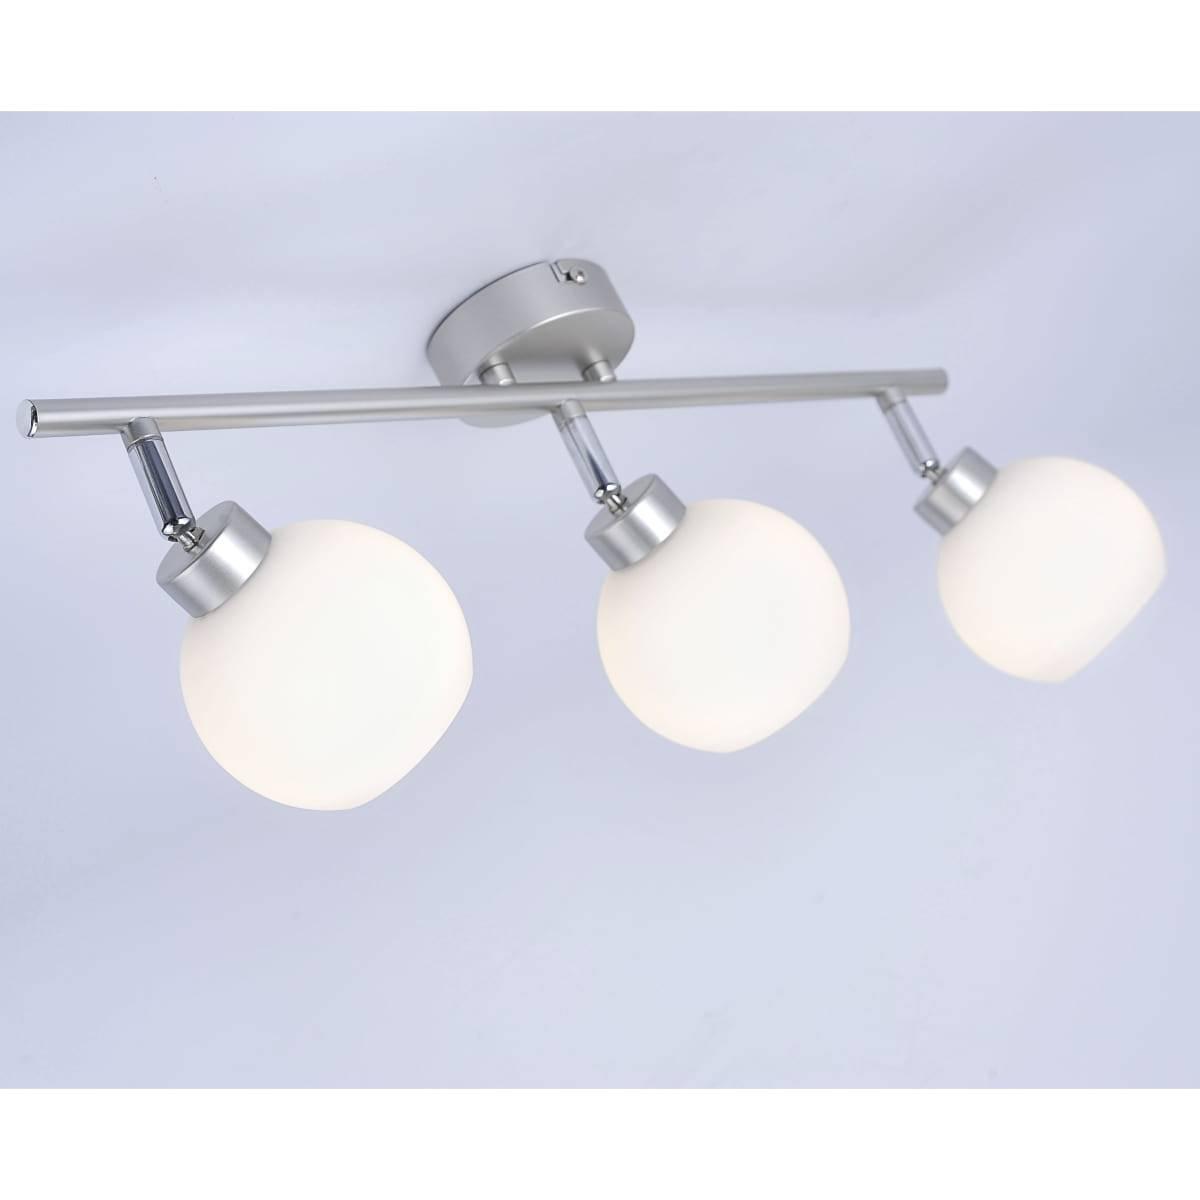 Deckenleuchte in Stahl und satinierten Glas mit 3 verstellbaren Leuchtköpfen für G9 Leuchtmittel